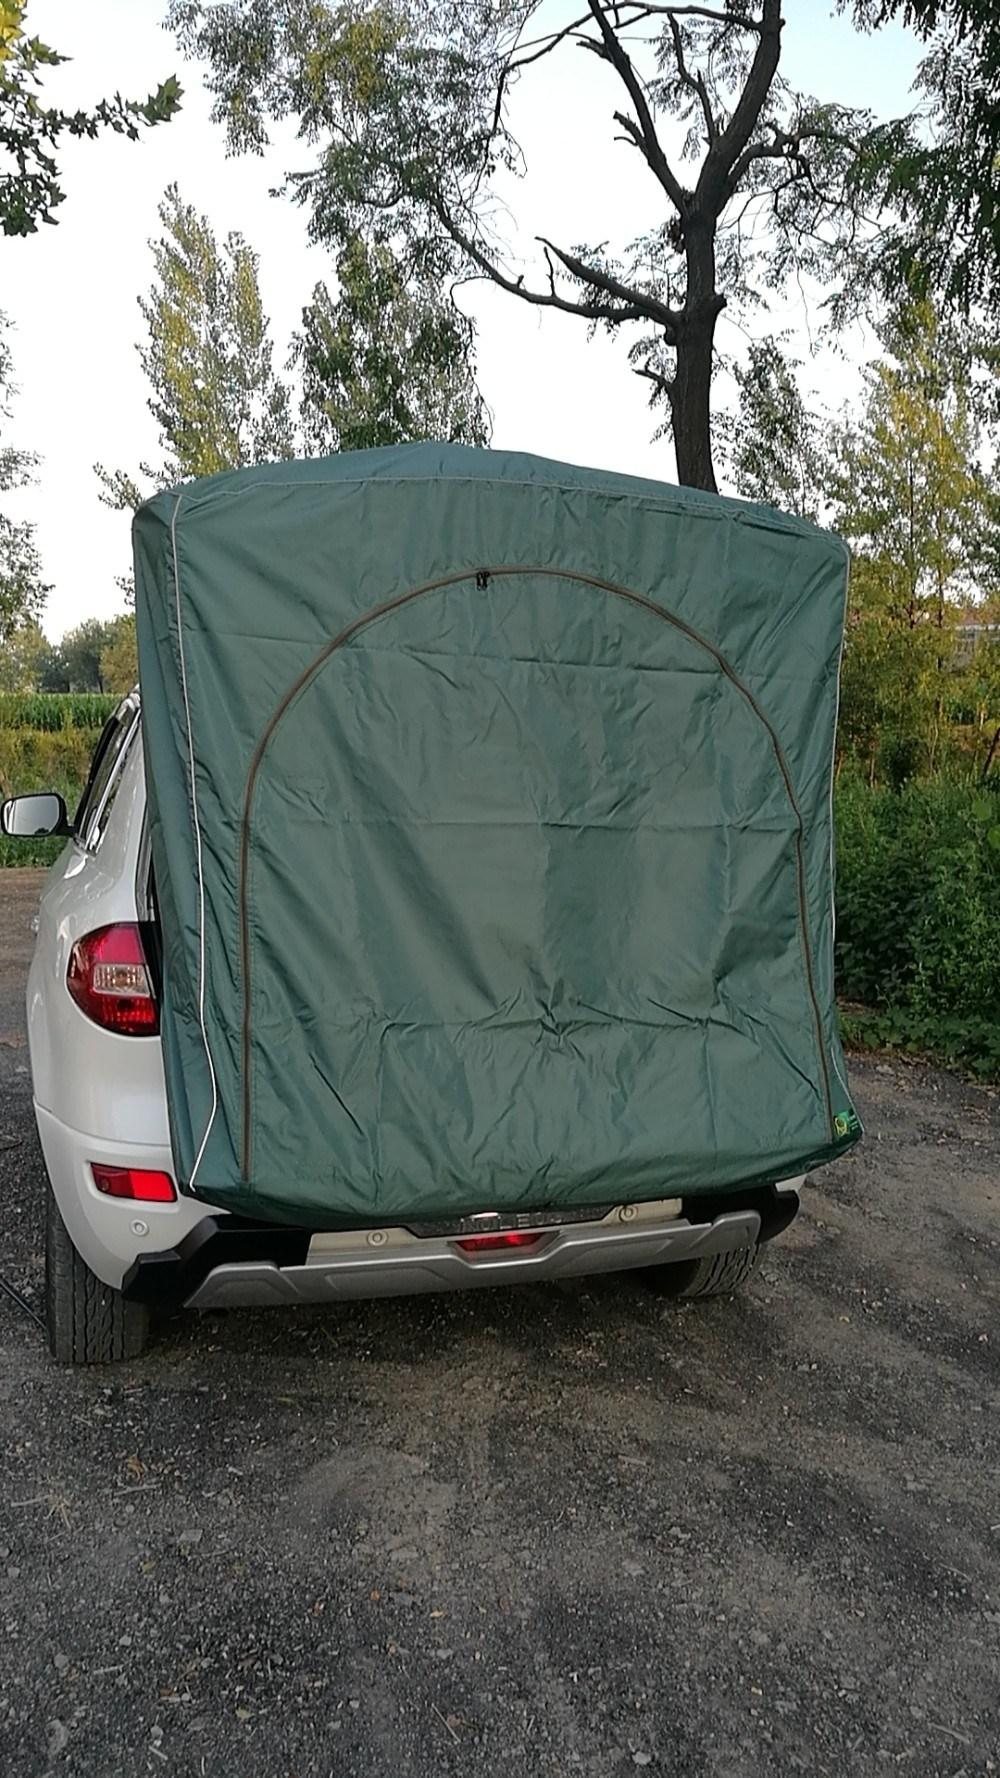 이효리 제주 속초 감성 캠핑 카박 도킹 차량 후방 연결 차박하기 좋은 차 텐트 쉘터 용품, 05-짙은 녹색